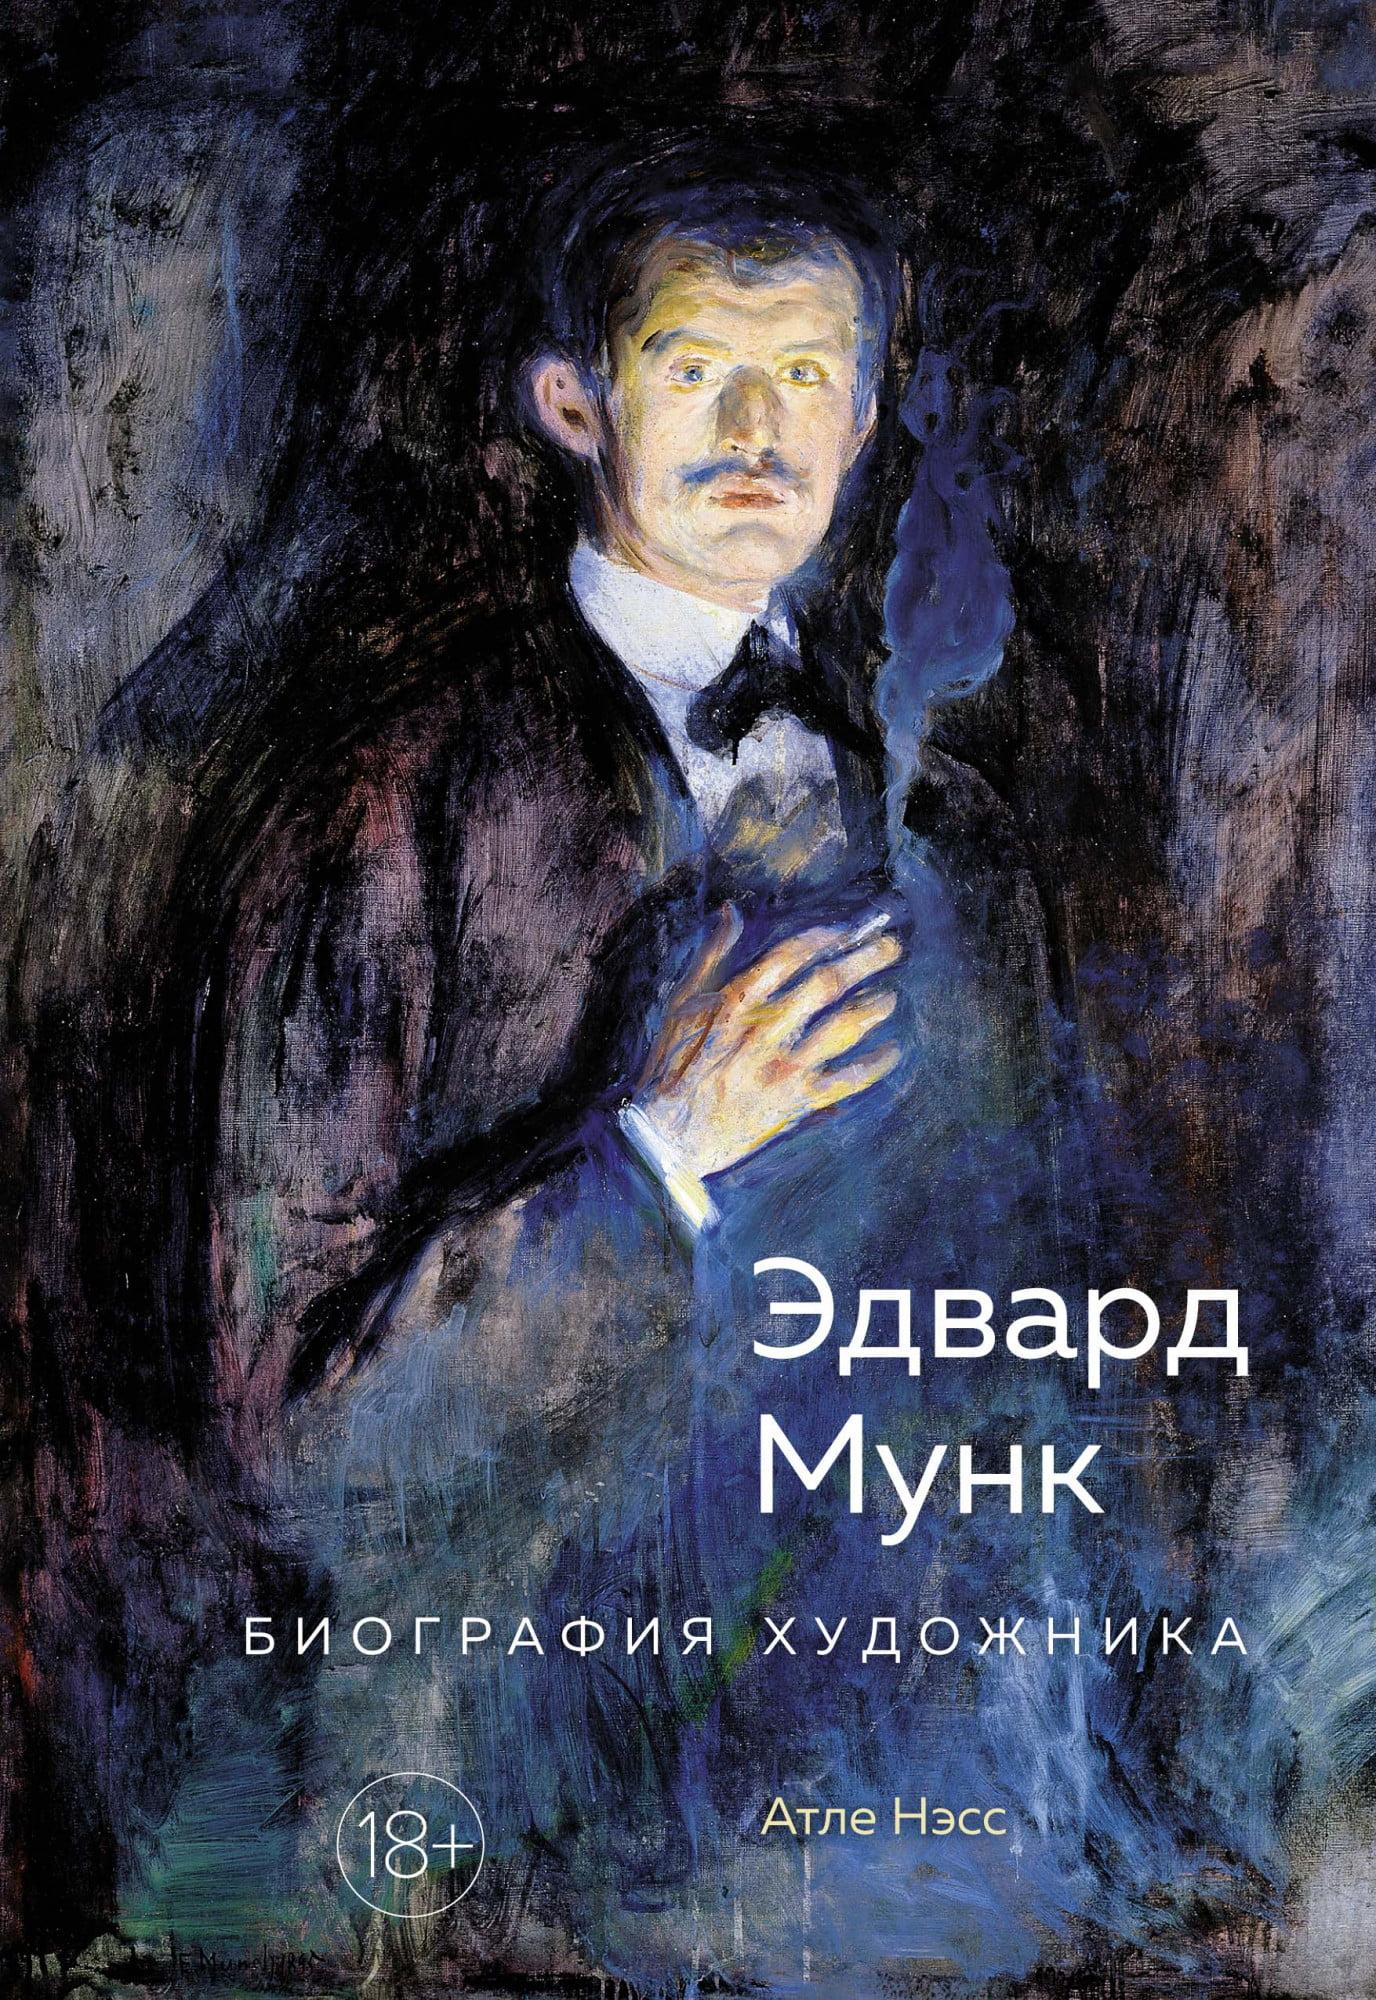 Эдвард Мунк. Биография художника